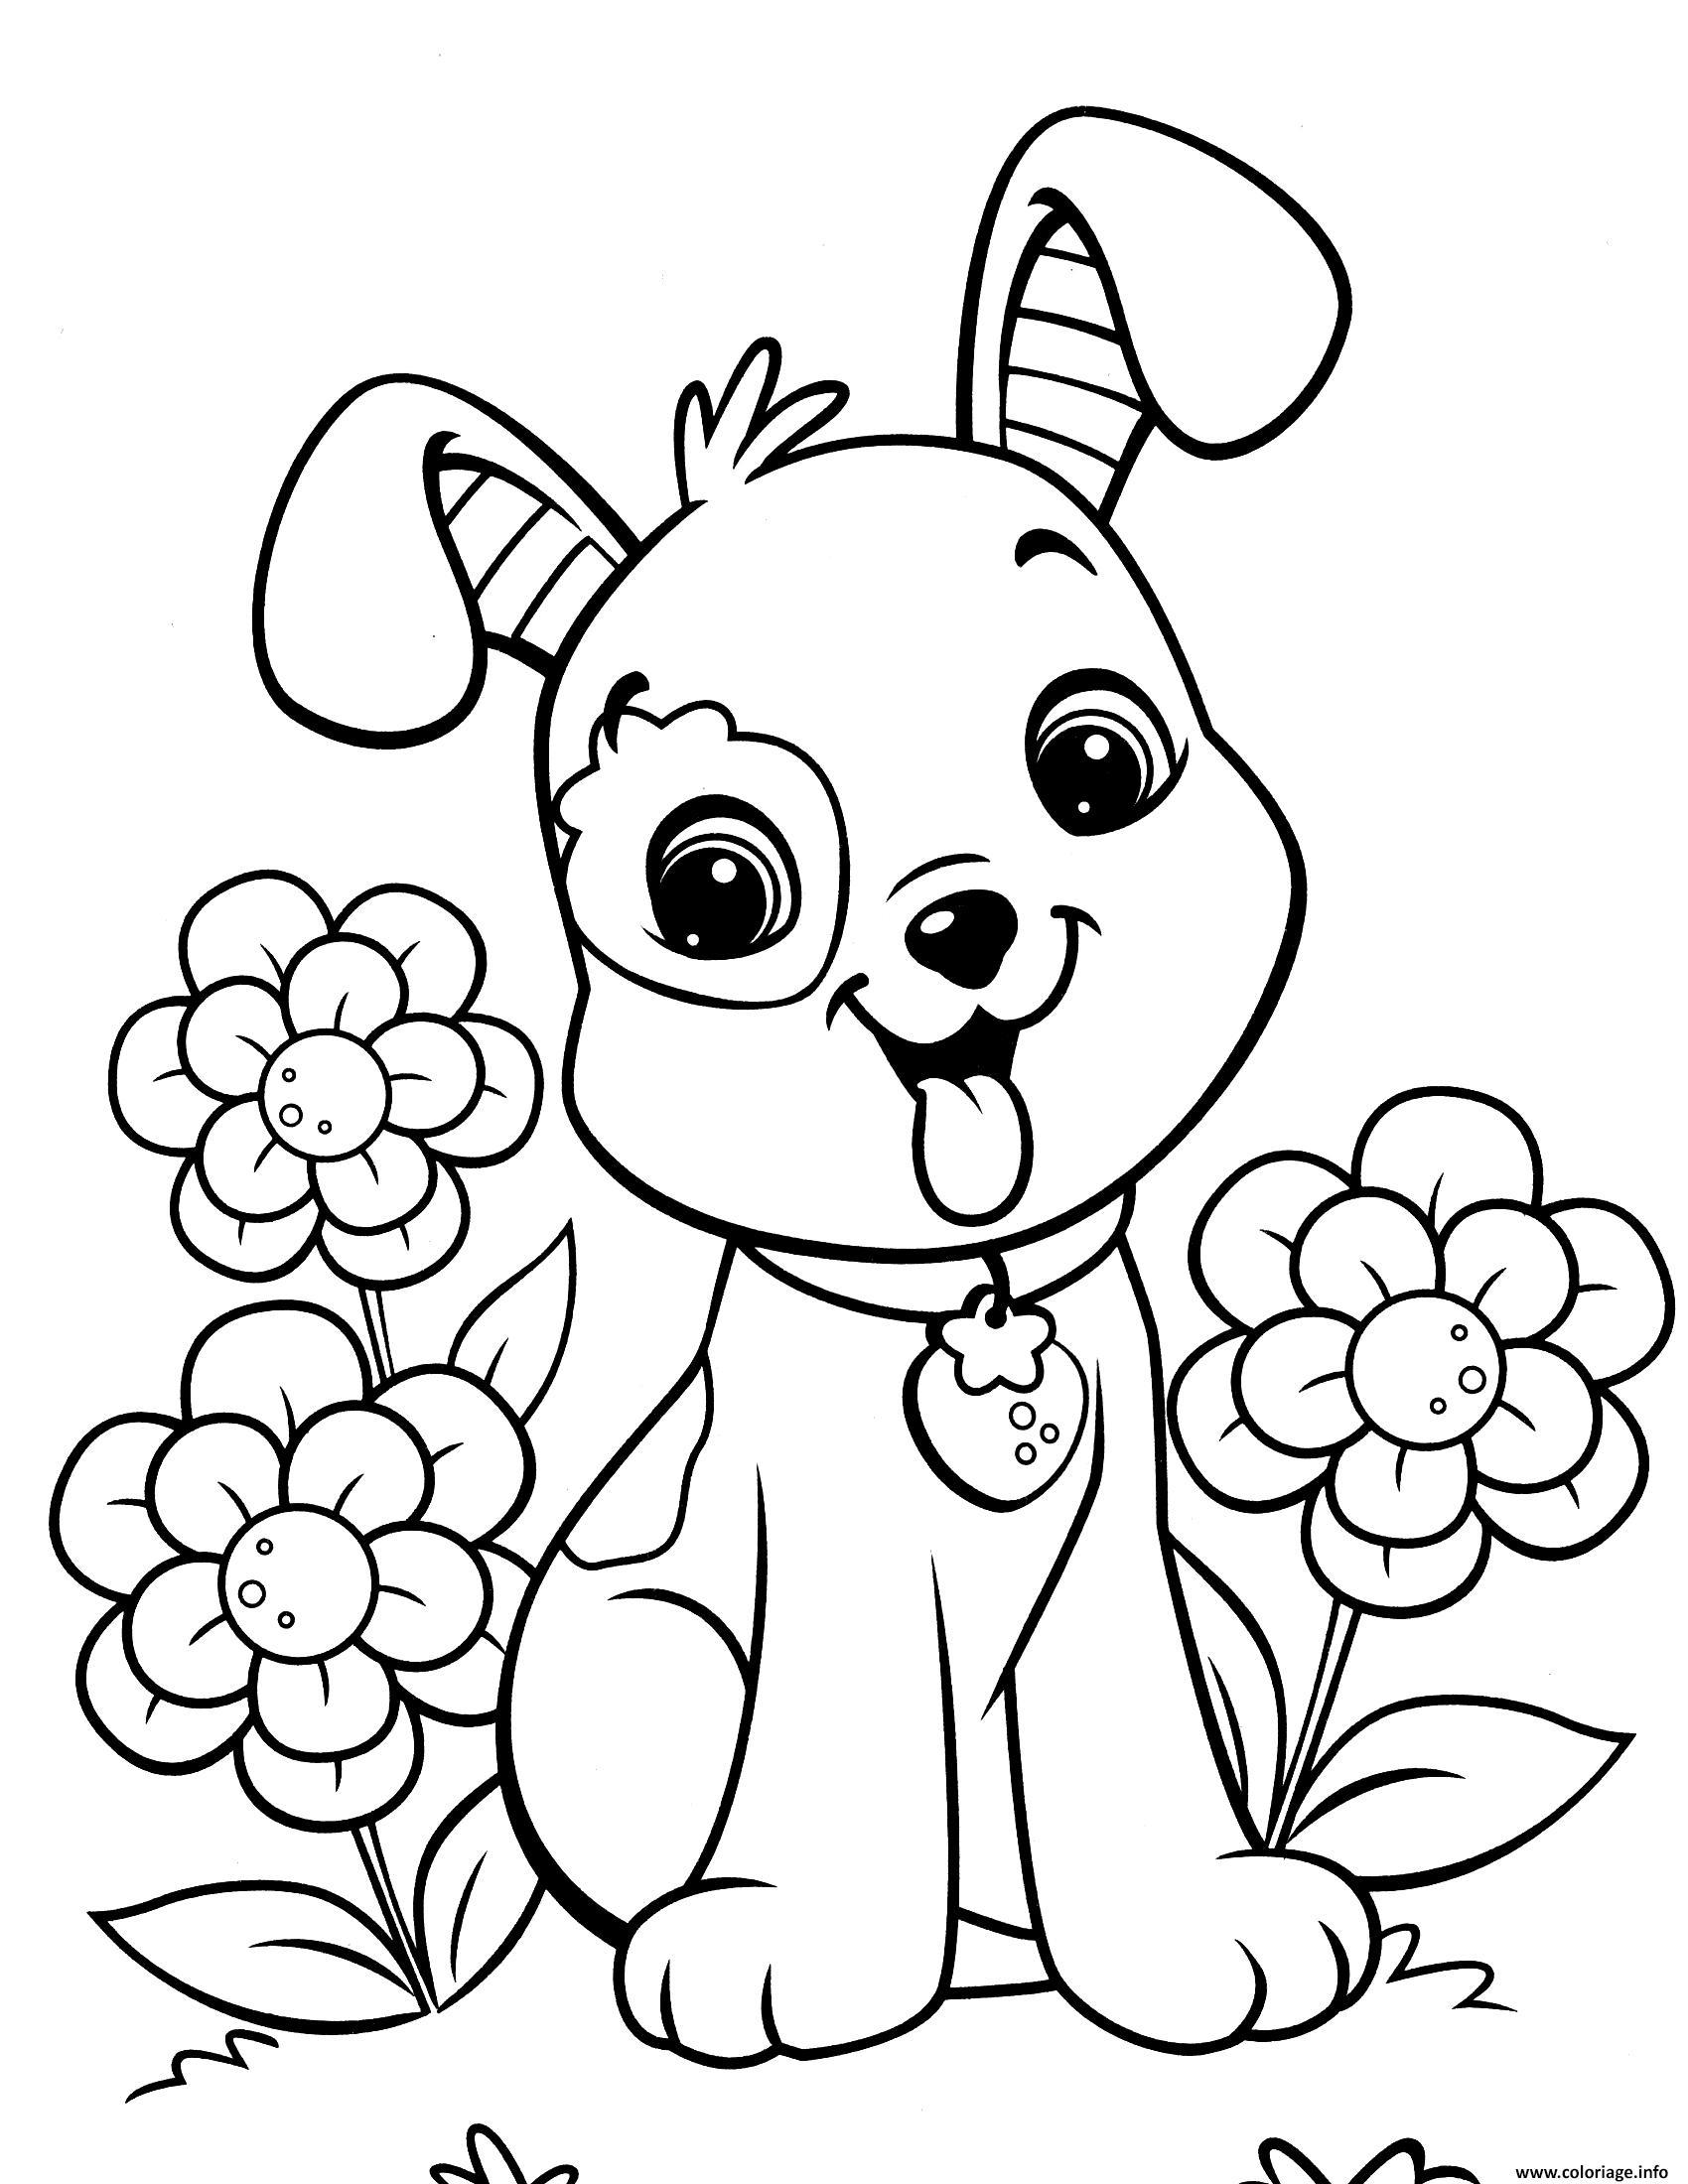 Dessin fraisinette chien animaux Coloriage Gratuit à Imprimer